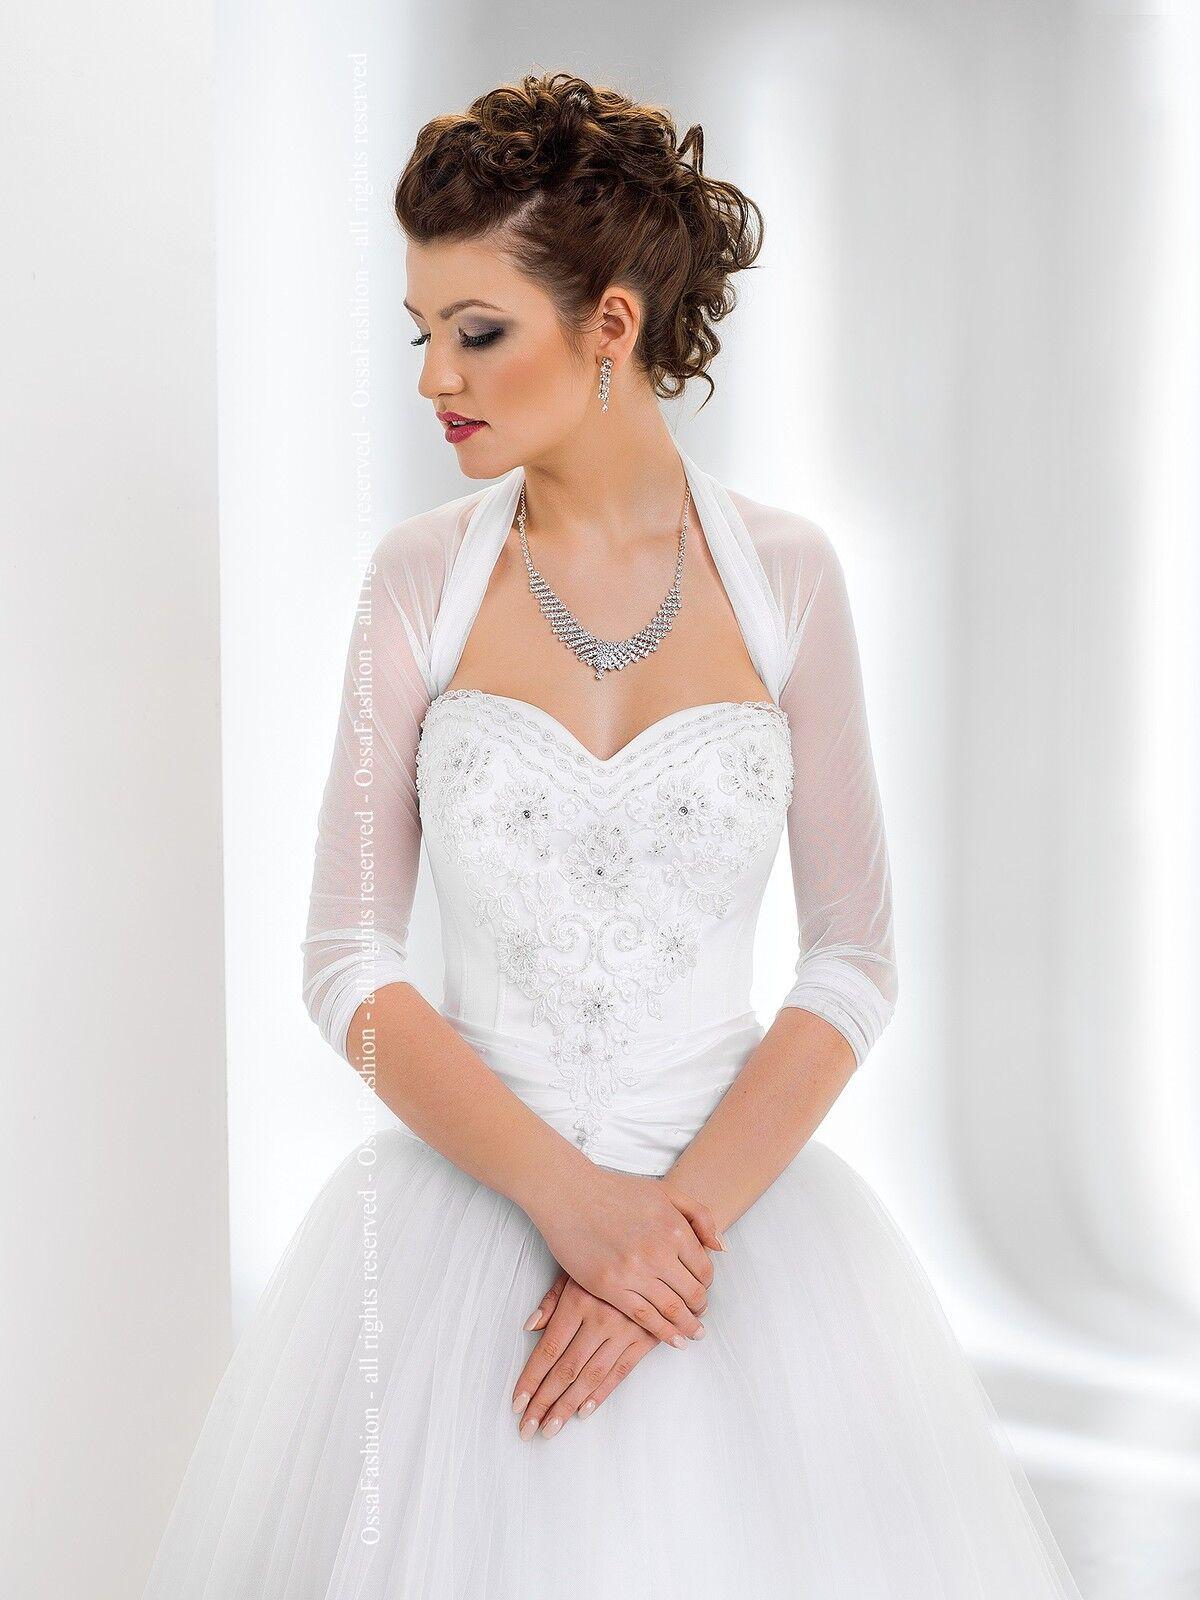 NEW Women Bridal Ivory/White Tulle Bolero Shrug Wedding Jacket Shawl ...